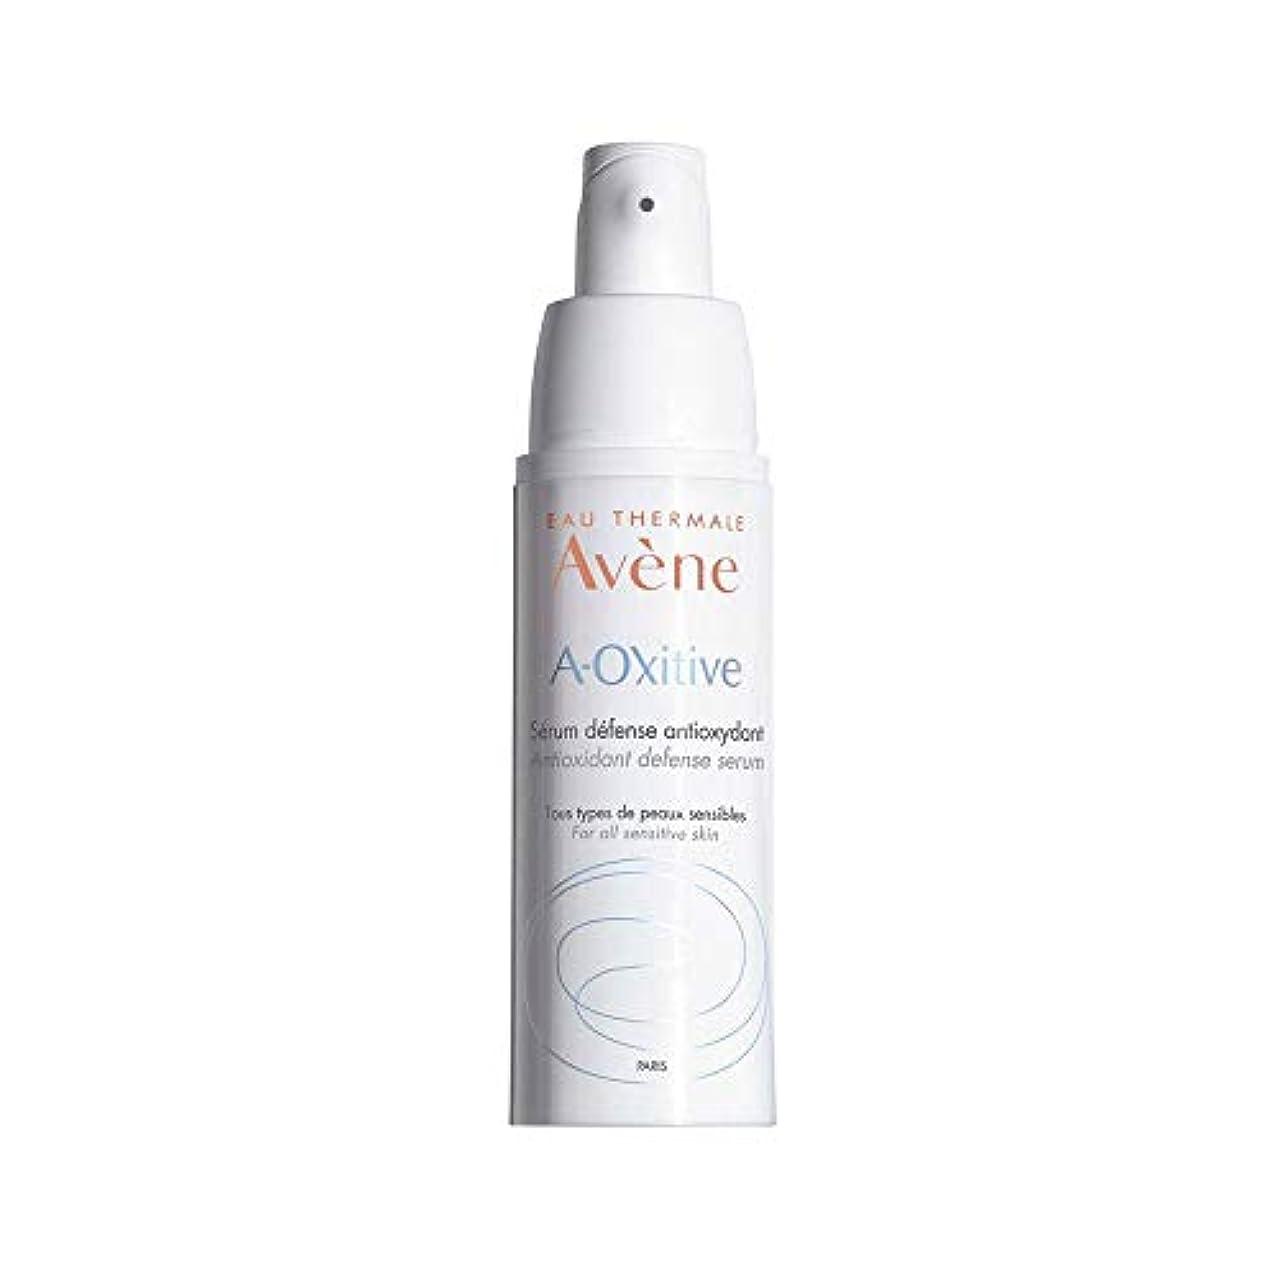 シリングボイド土地アベンヌ A-OXitive Antioxidant Defense Serum - For All Sensitive Skin 30ml/1oz並行輸入品